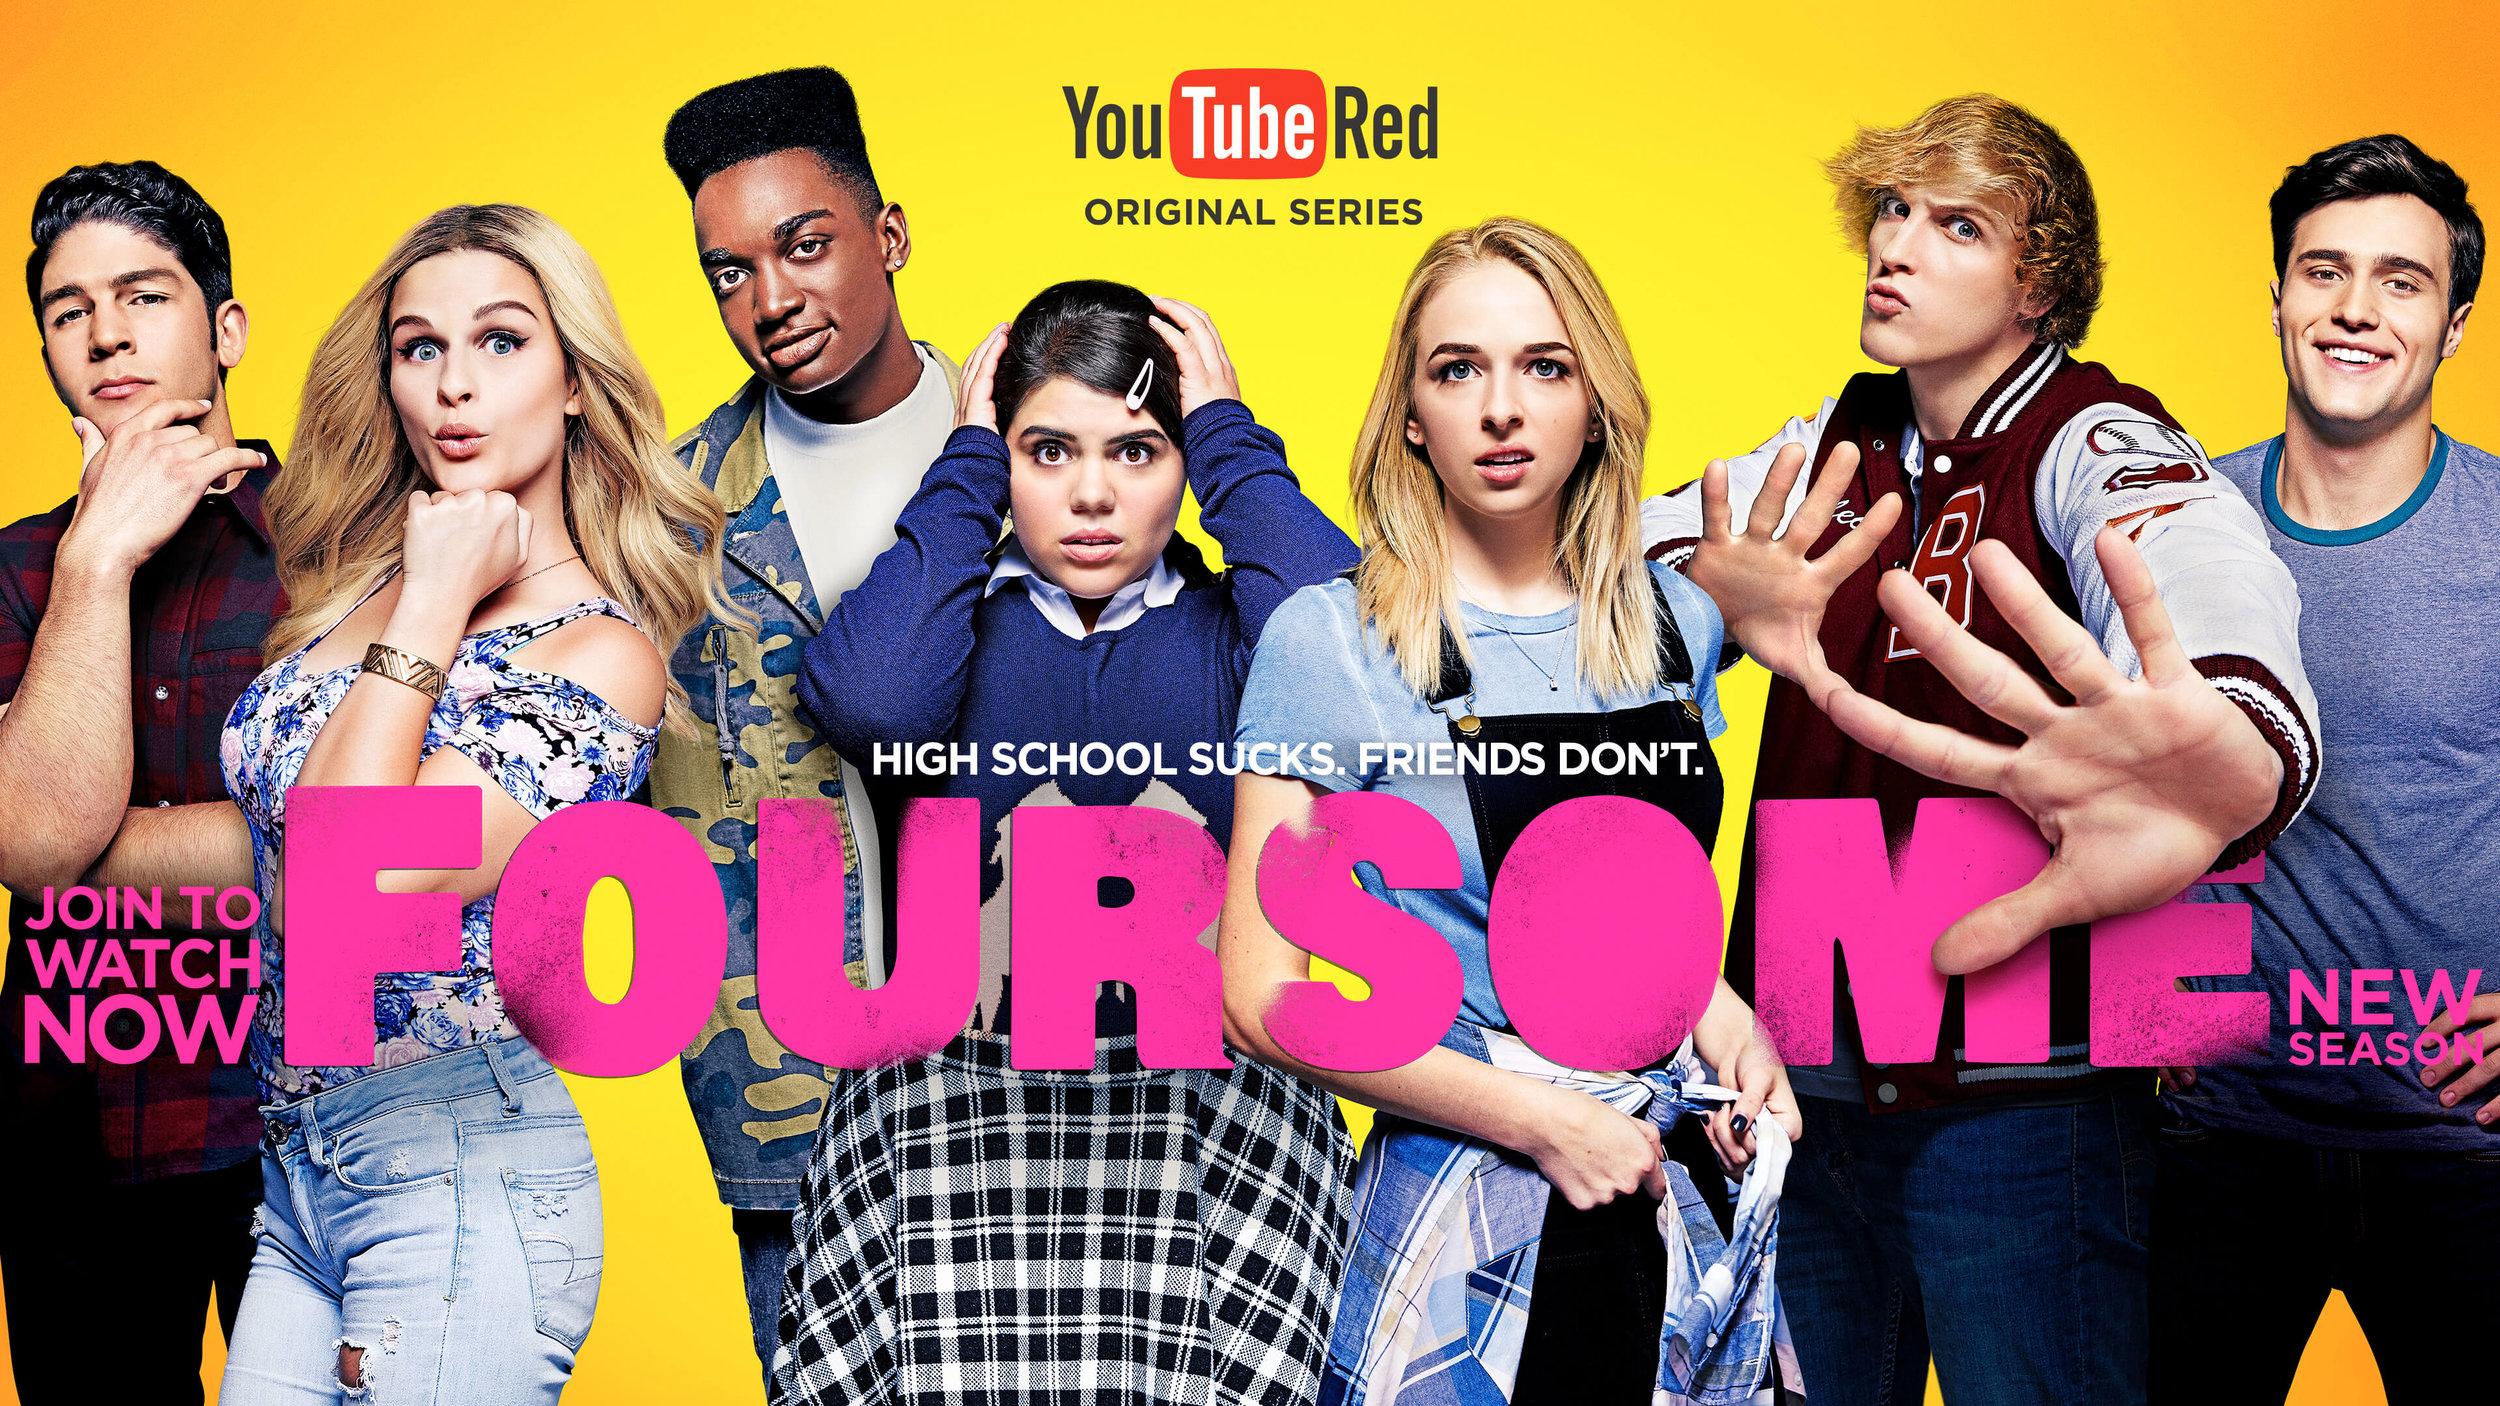 Foursome Season 2